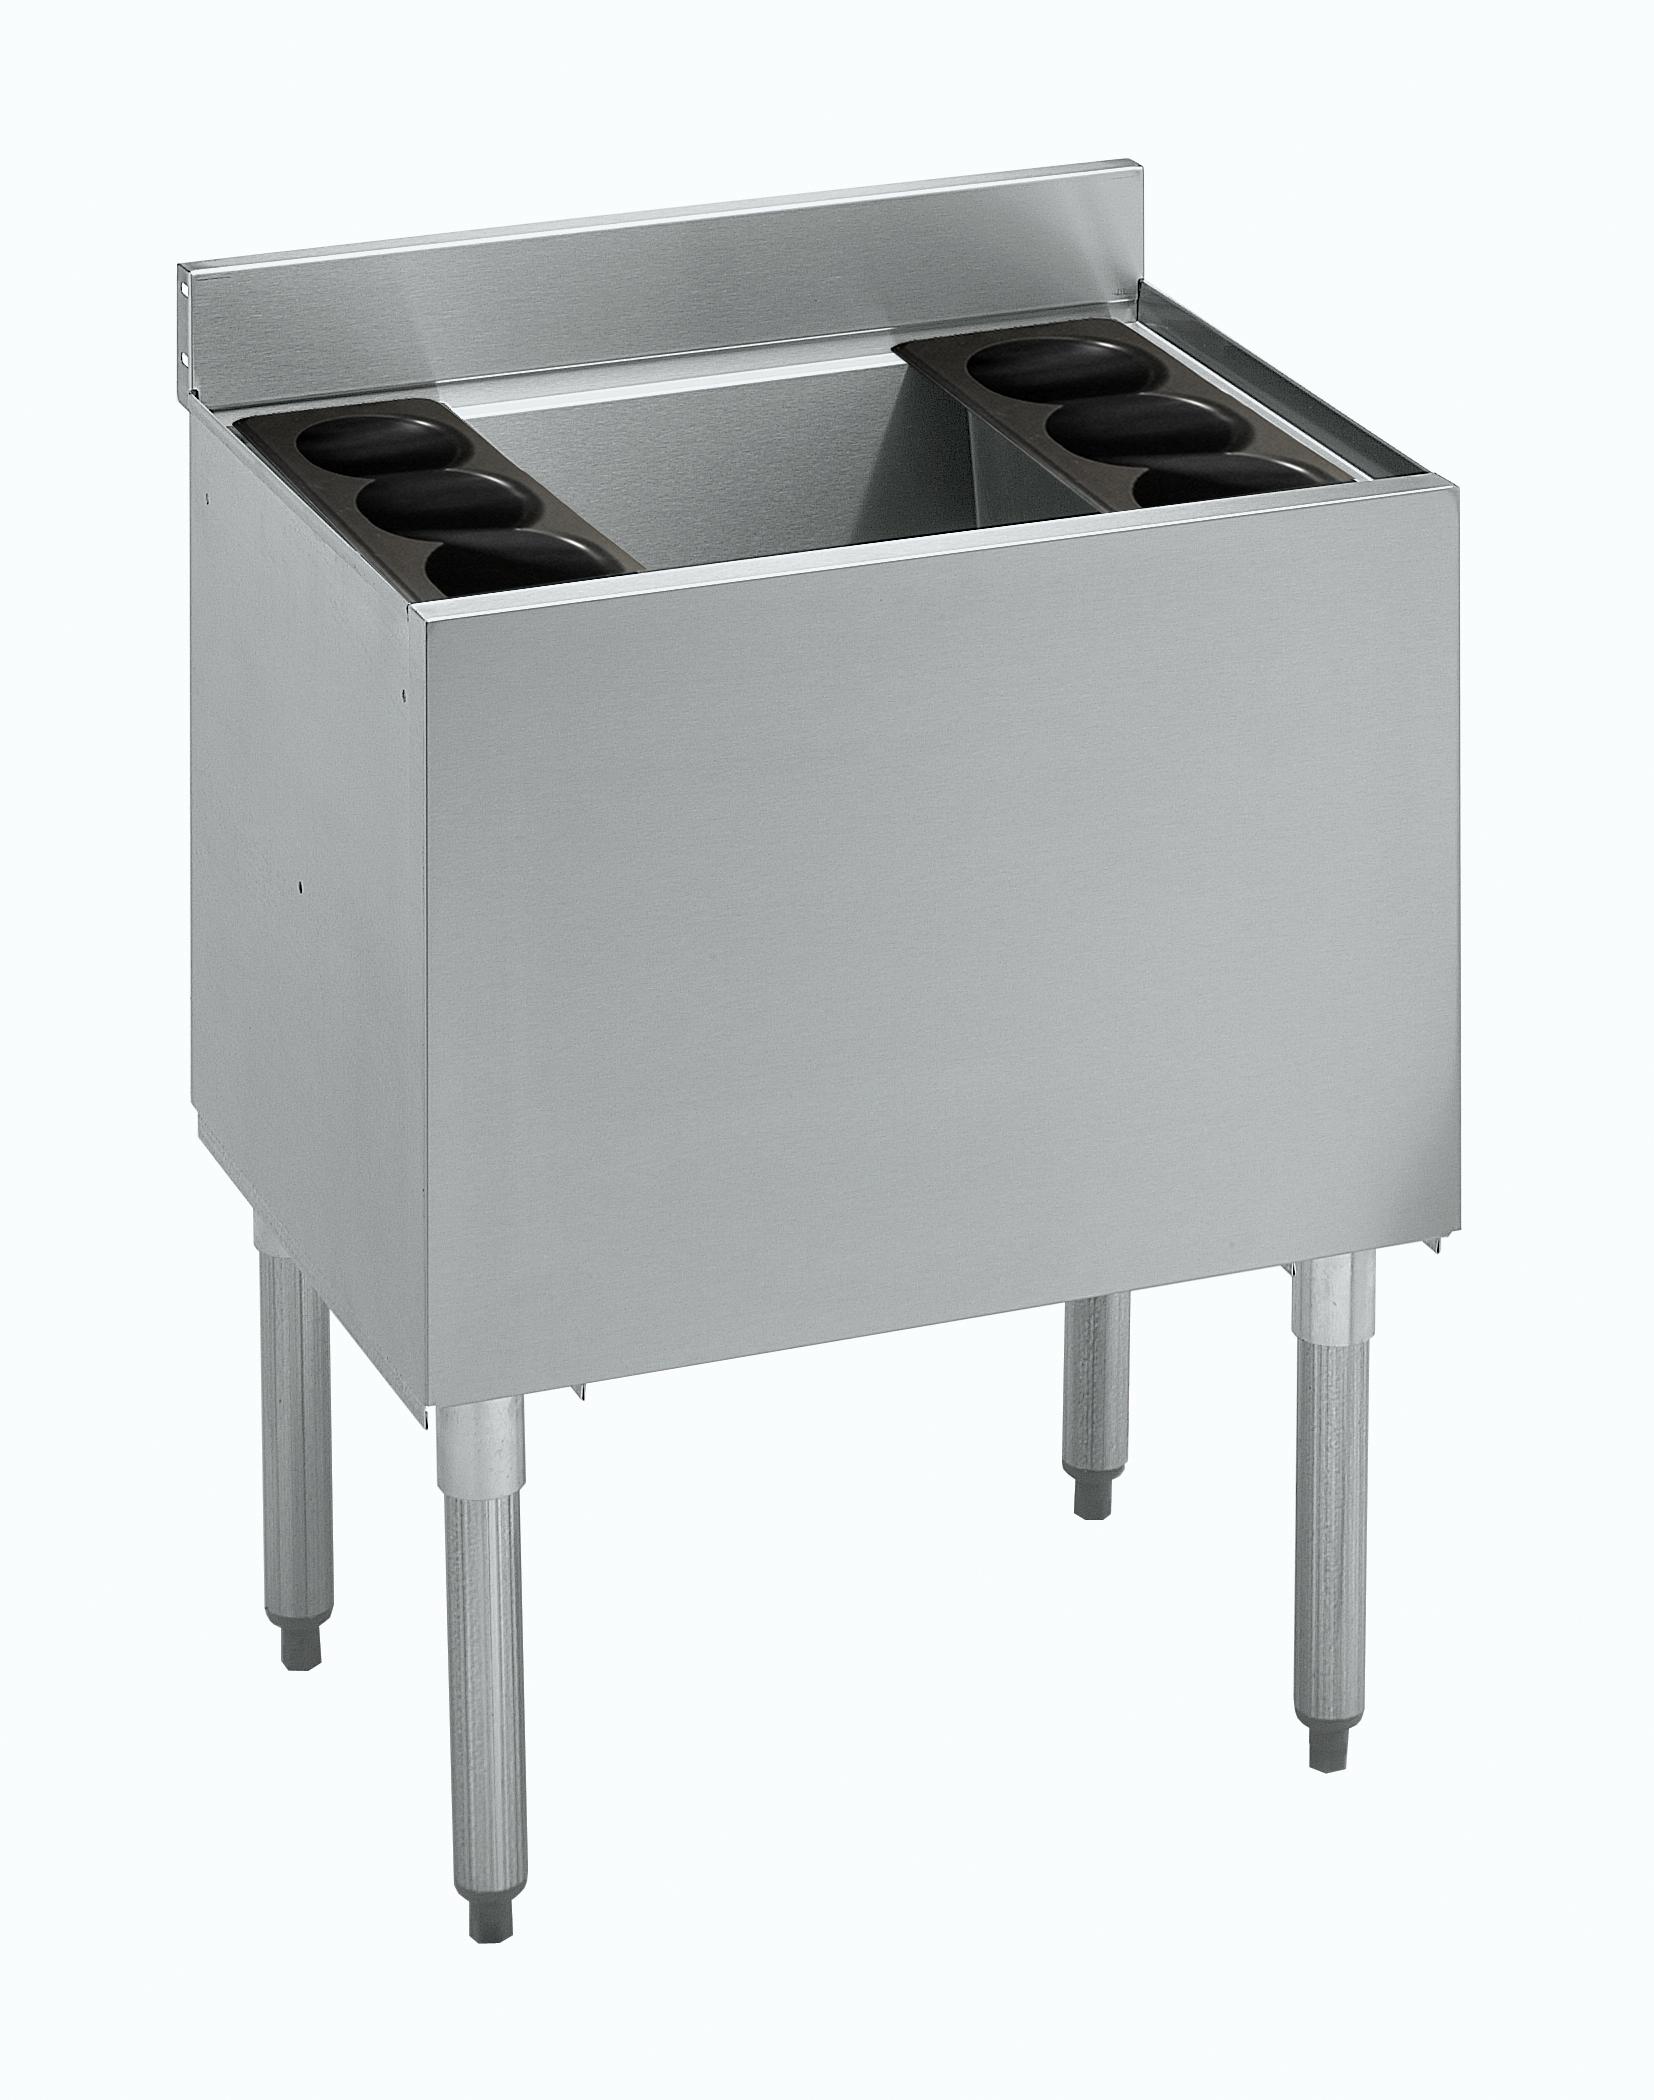 Krowne Metal 18-36DP-7 ice bin